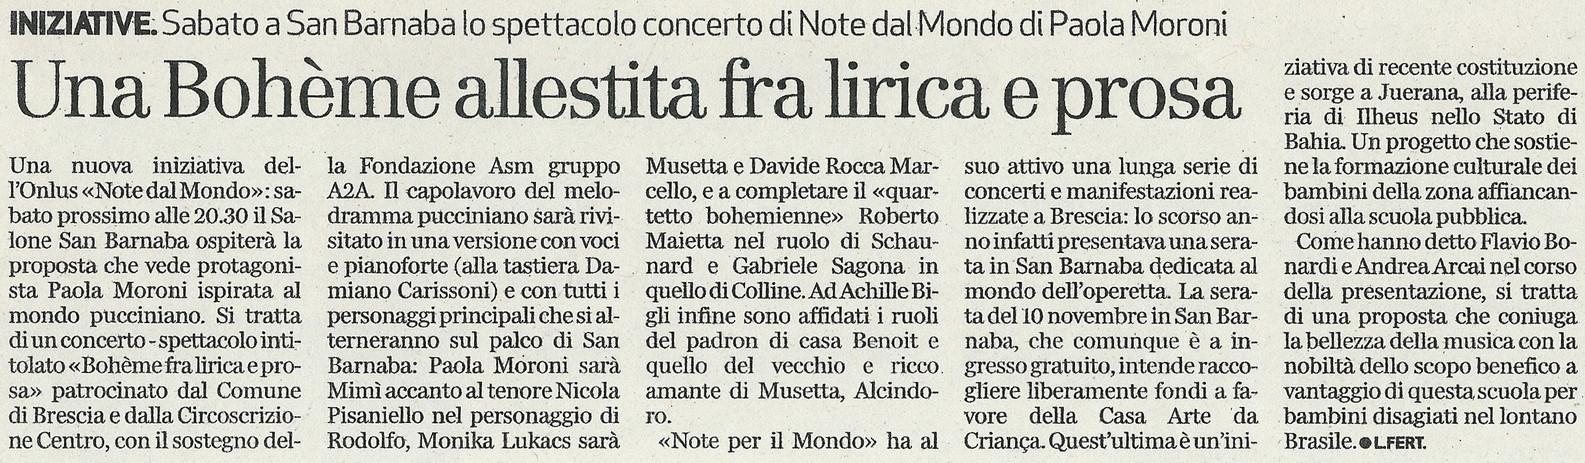 8 novembre 2012 Bresciaoggi.jpg